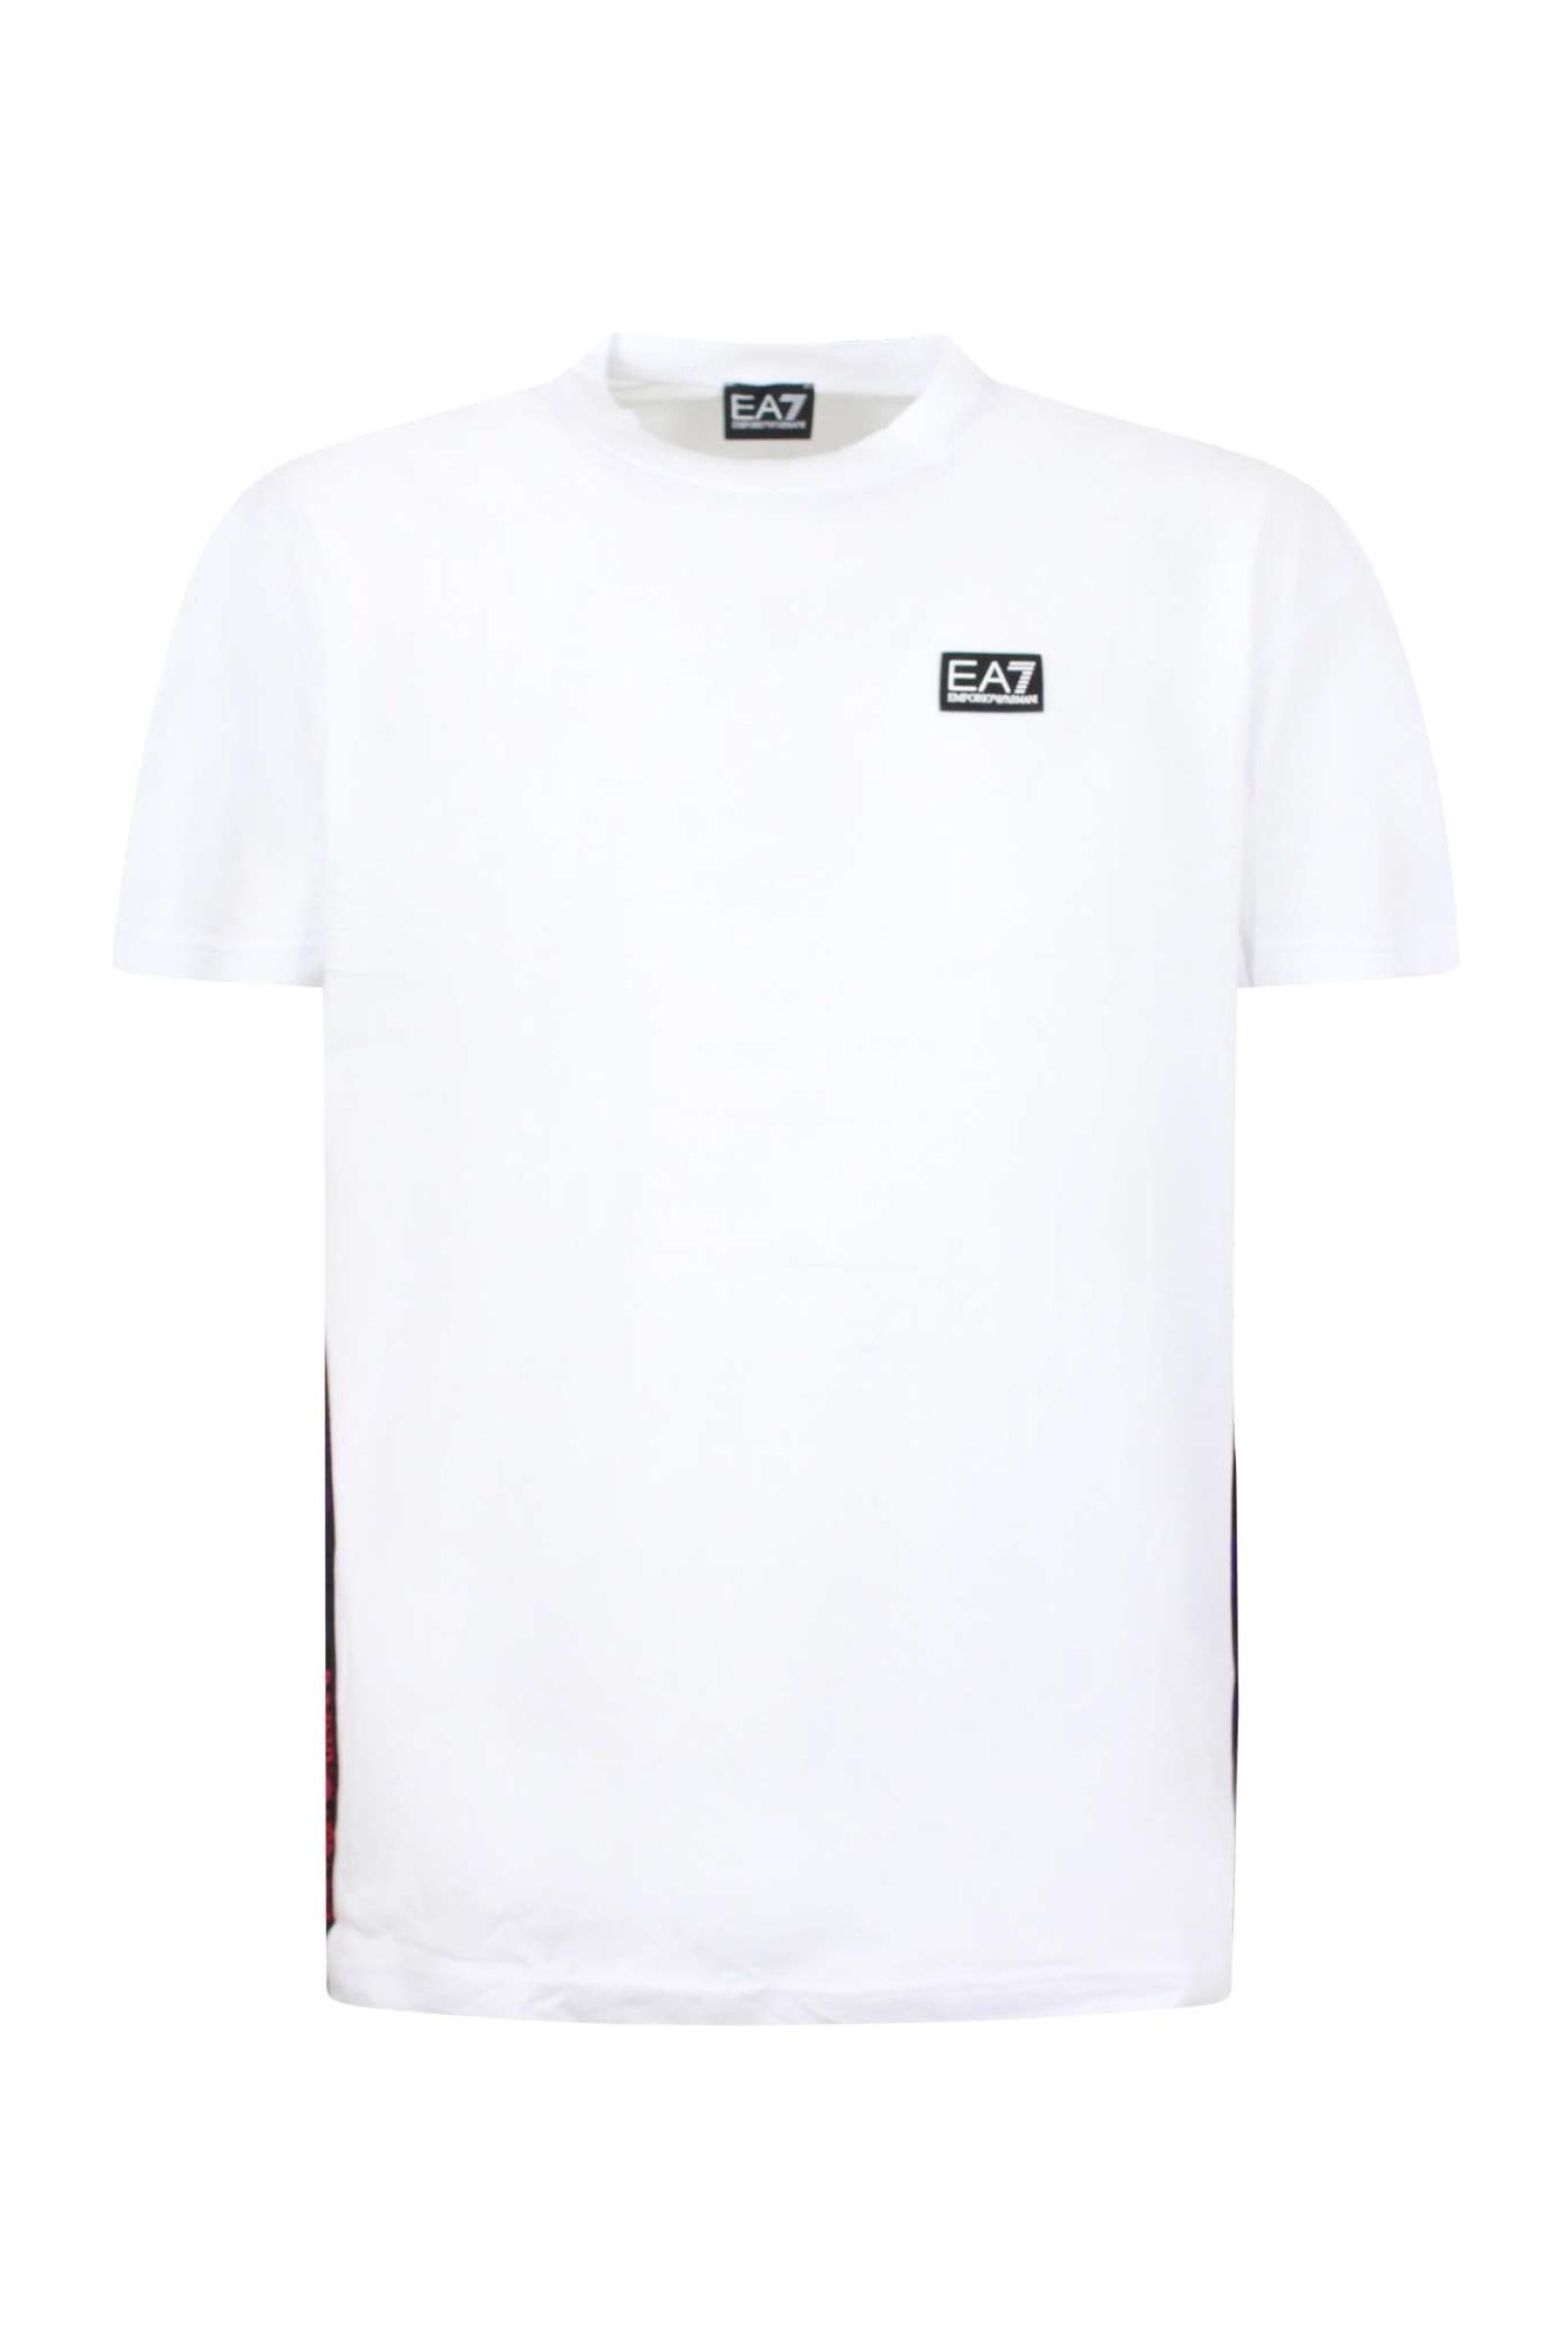 ARMANI EA7 T-Shirt Uomo ARMANI EA7 | T-Shirt | 3KPT13 PJ02Z1100